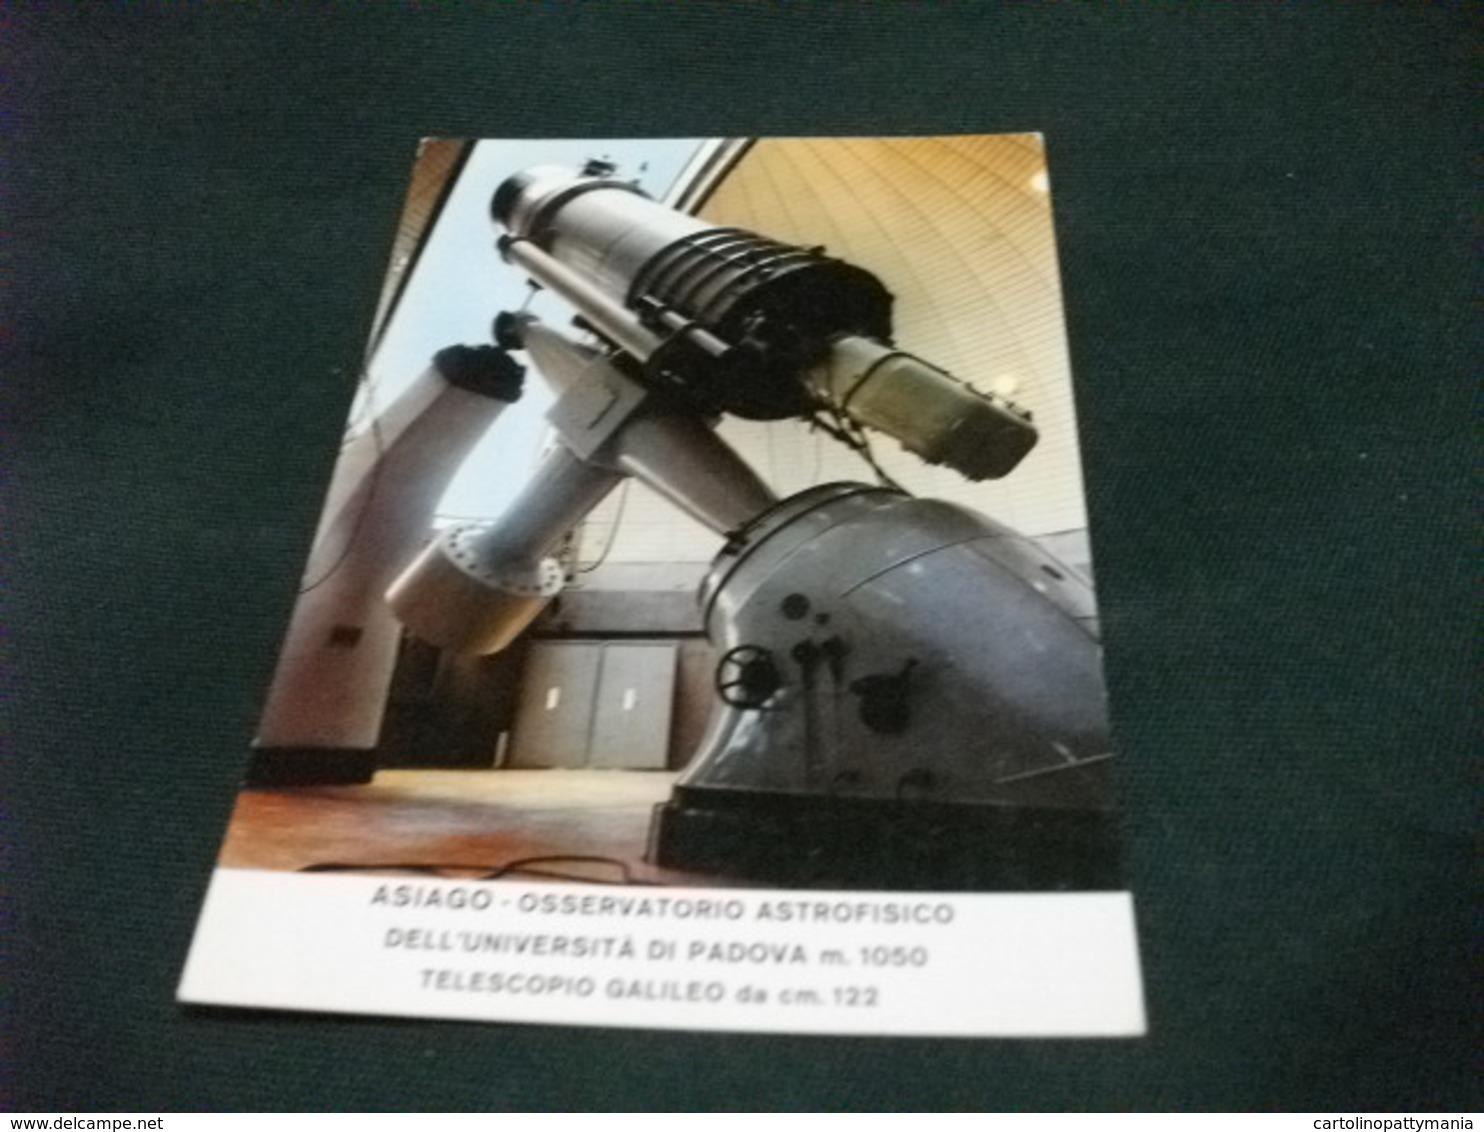 ASIAGO OSSERVATORIO ASTROFISICO DELL'UNIVERSITA' DI PADOVA TELESCOPIO GALILEO VENETO - Italia